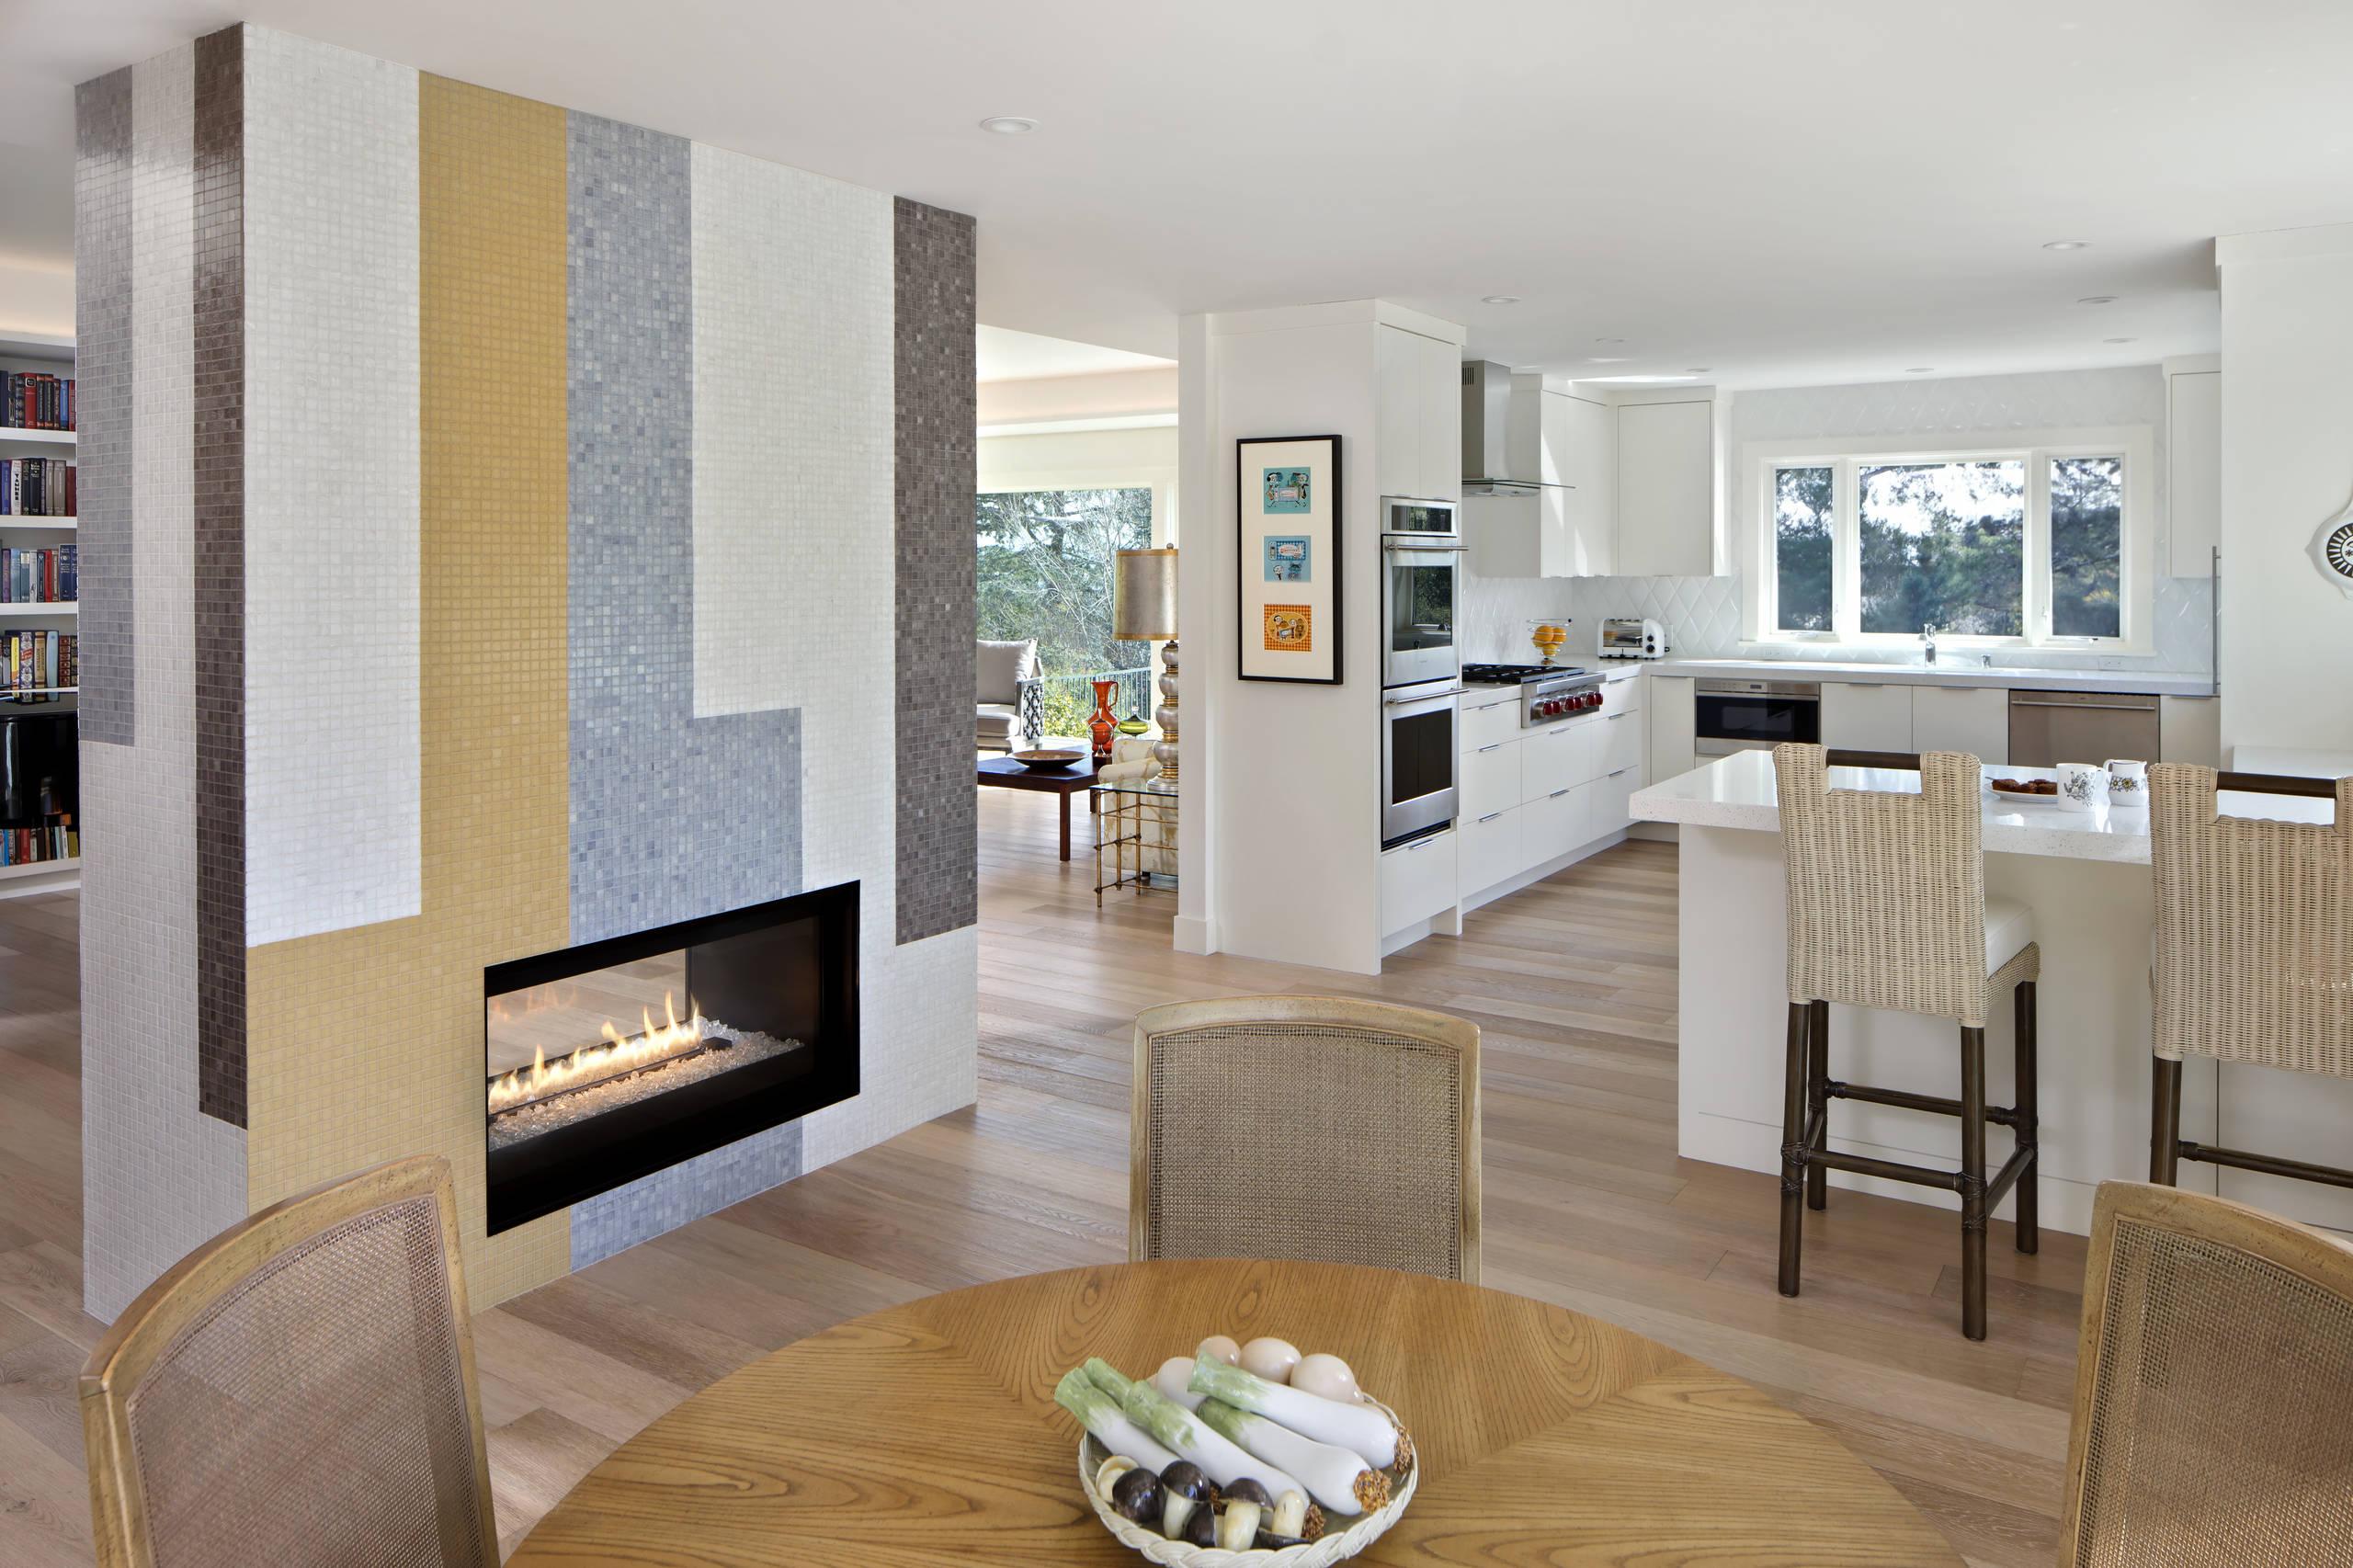 Retro modern open-plan kitchen & dining